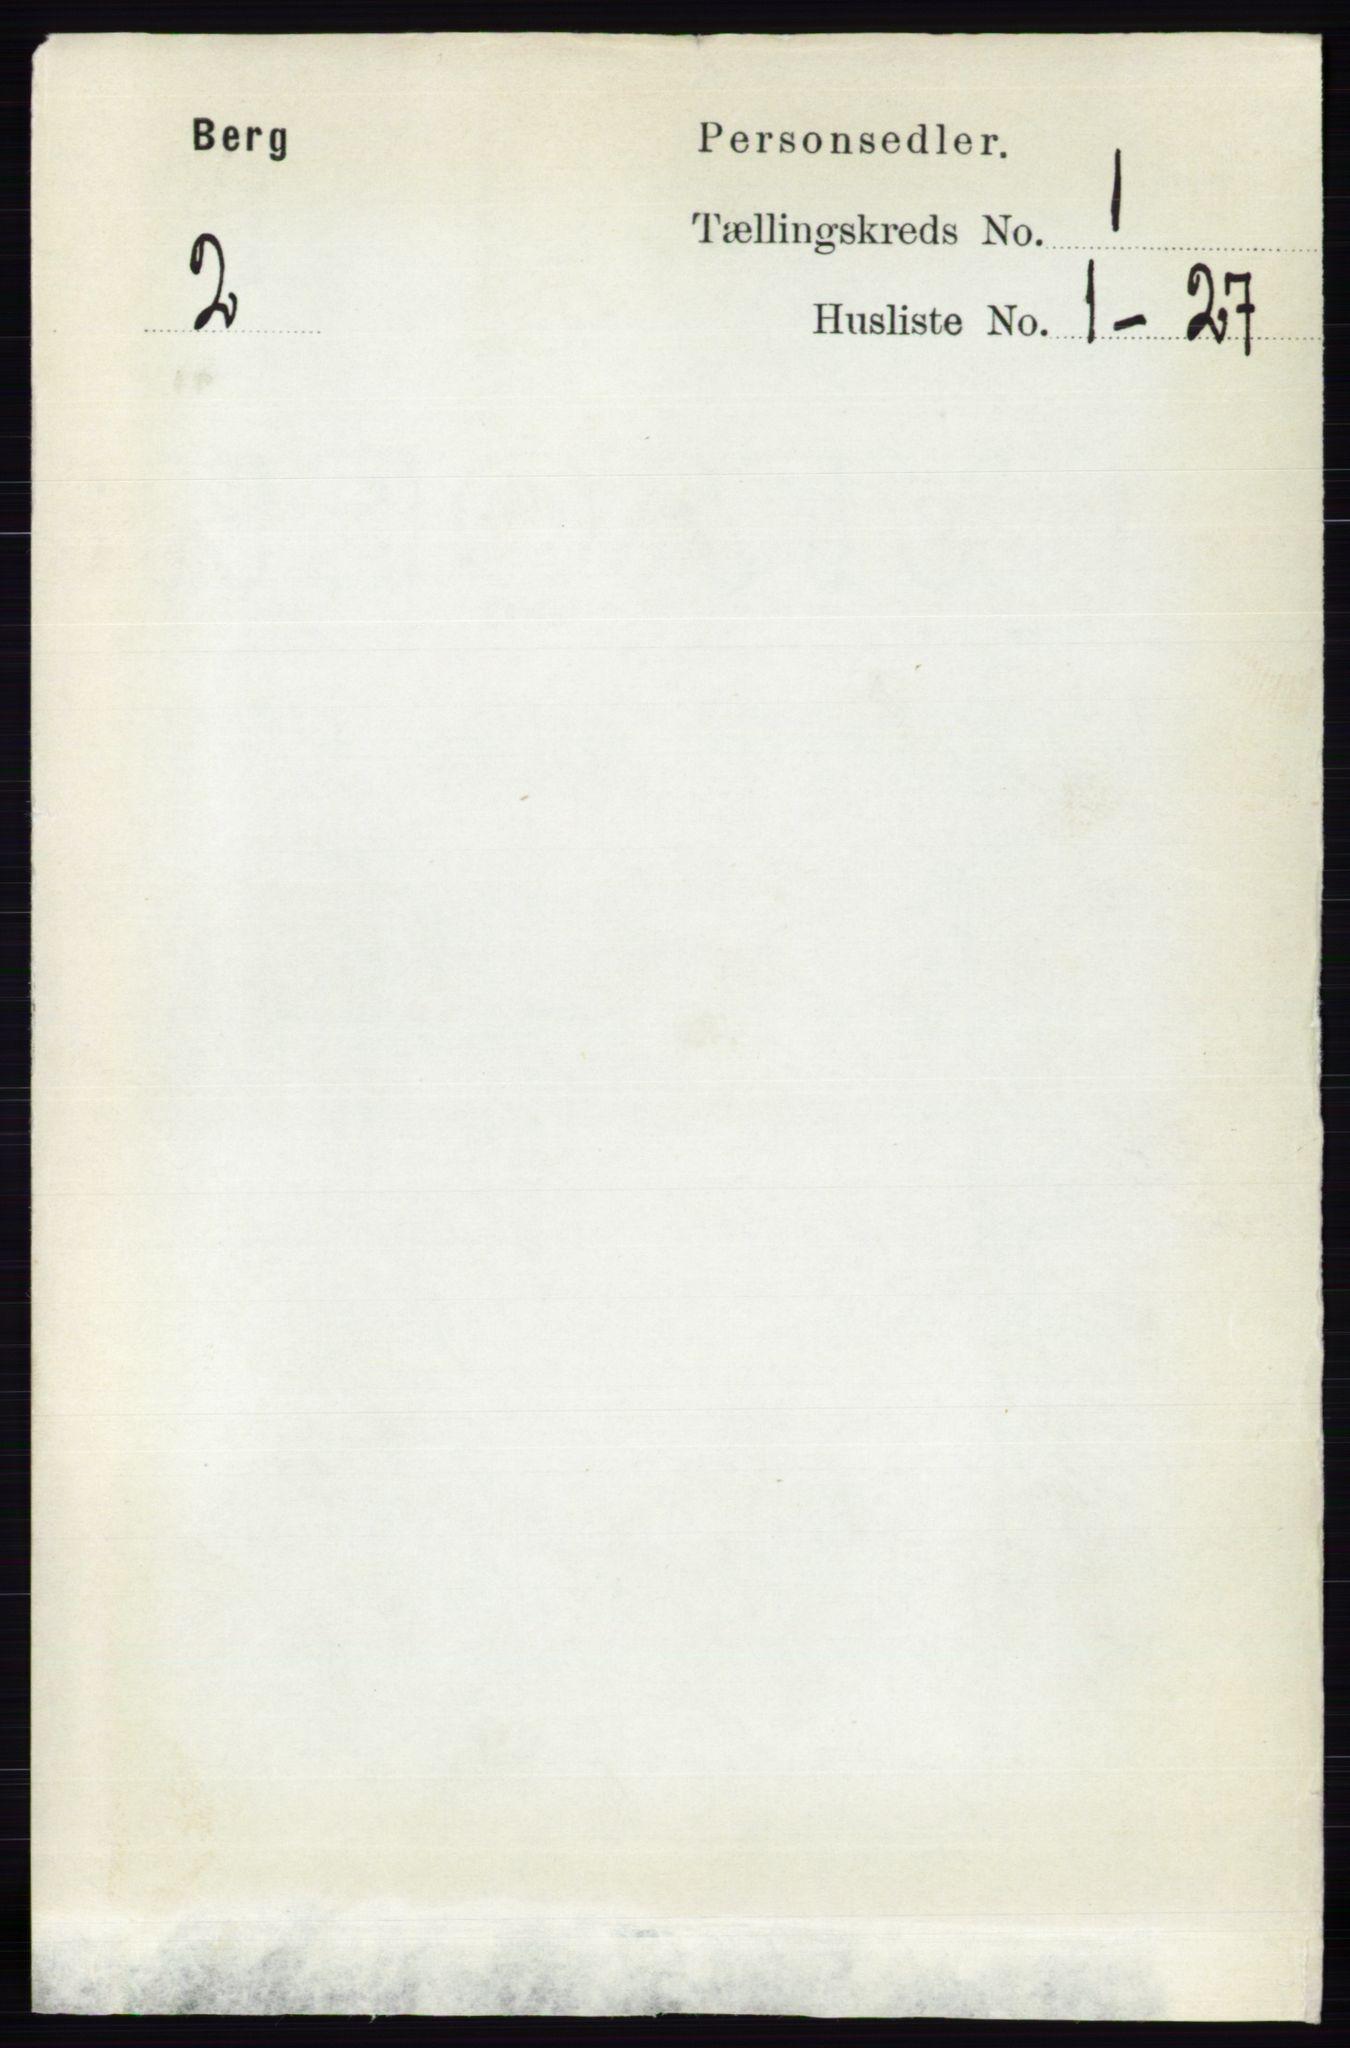 RA, Folketelling 1891 for 0116 Berg herred, 1891, s. 157